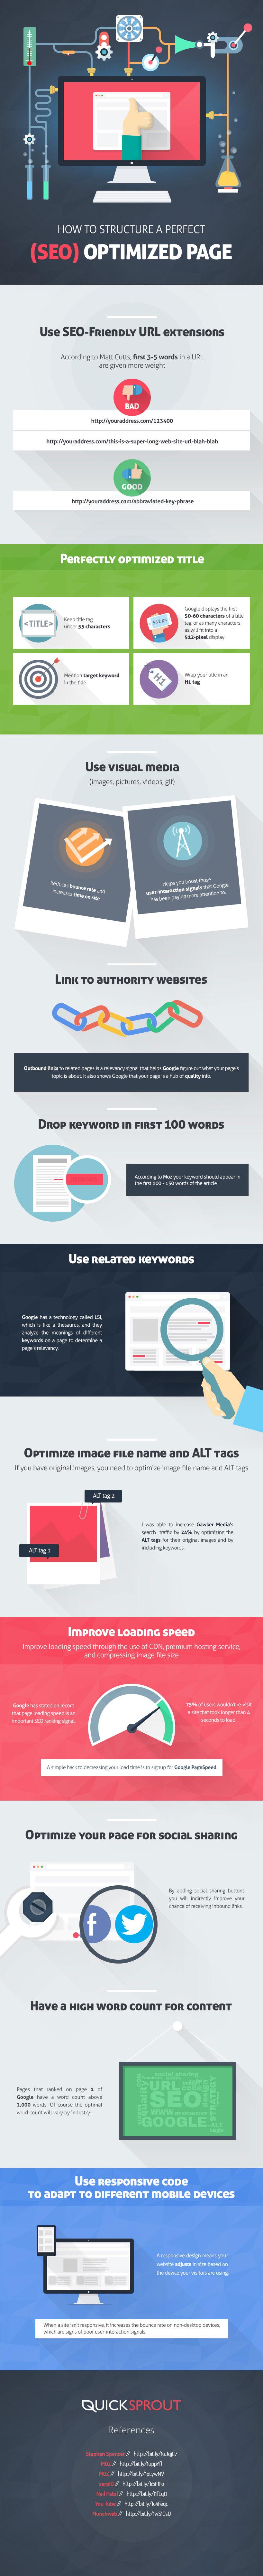 Infográfico: onze maneiras de criar posts otimizados para SEO